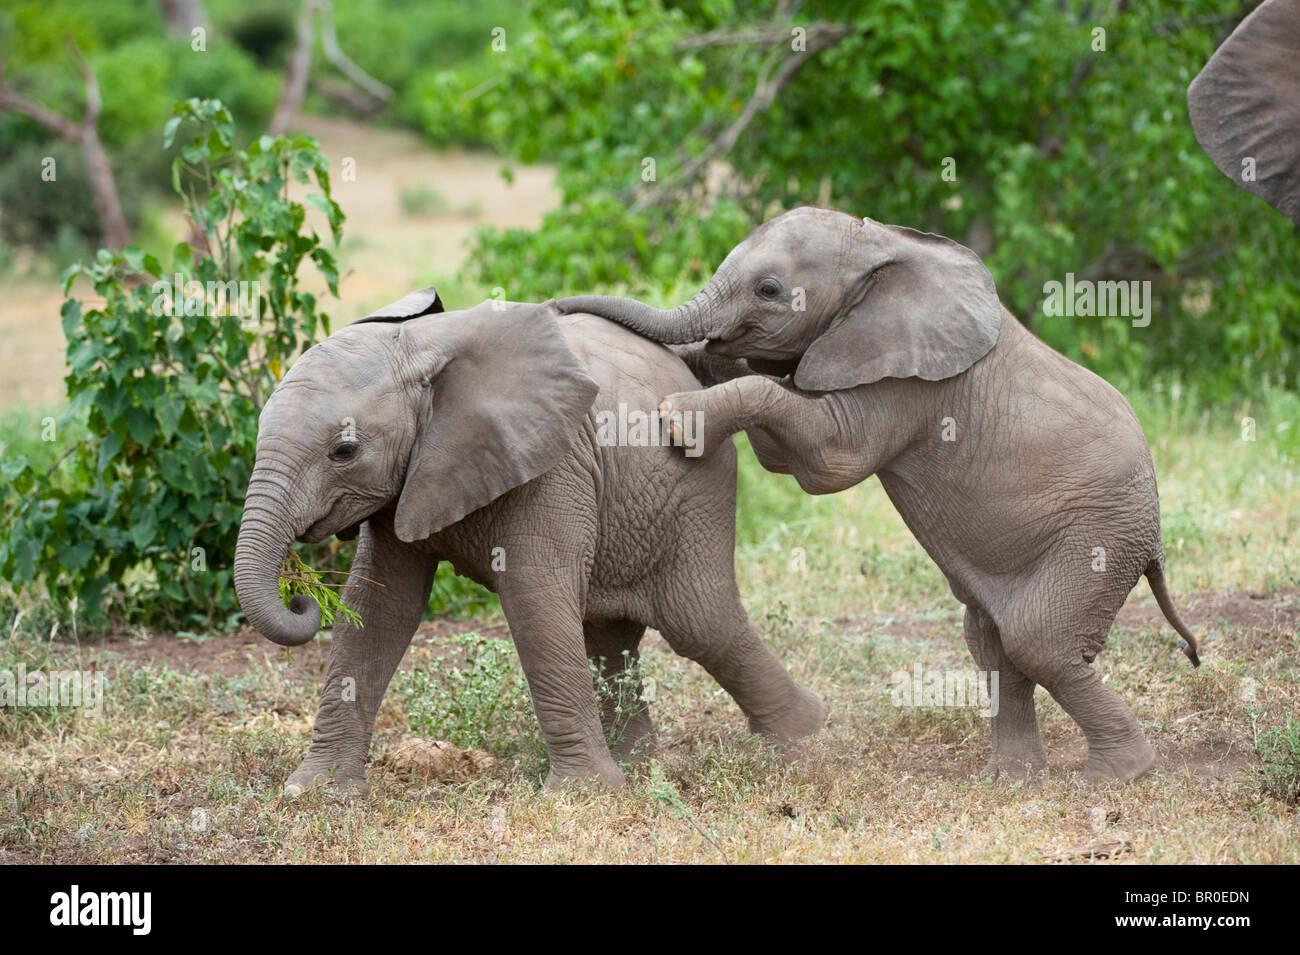 Bébé éléphants africains jouant ( Loxodonta africana africana), Mashatu, Tuli Block, Botswana Photo Stock